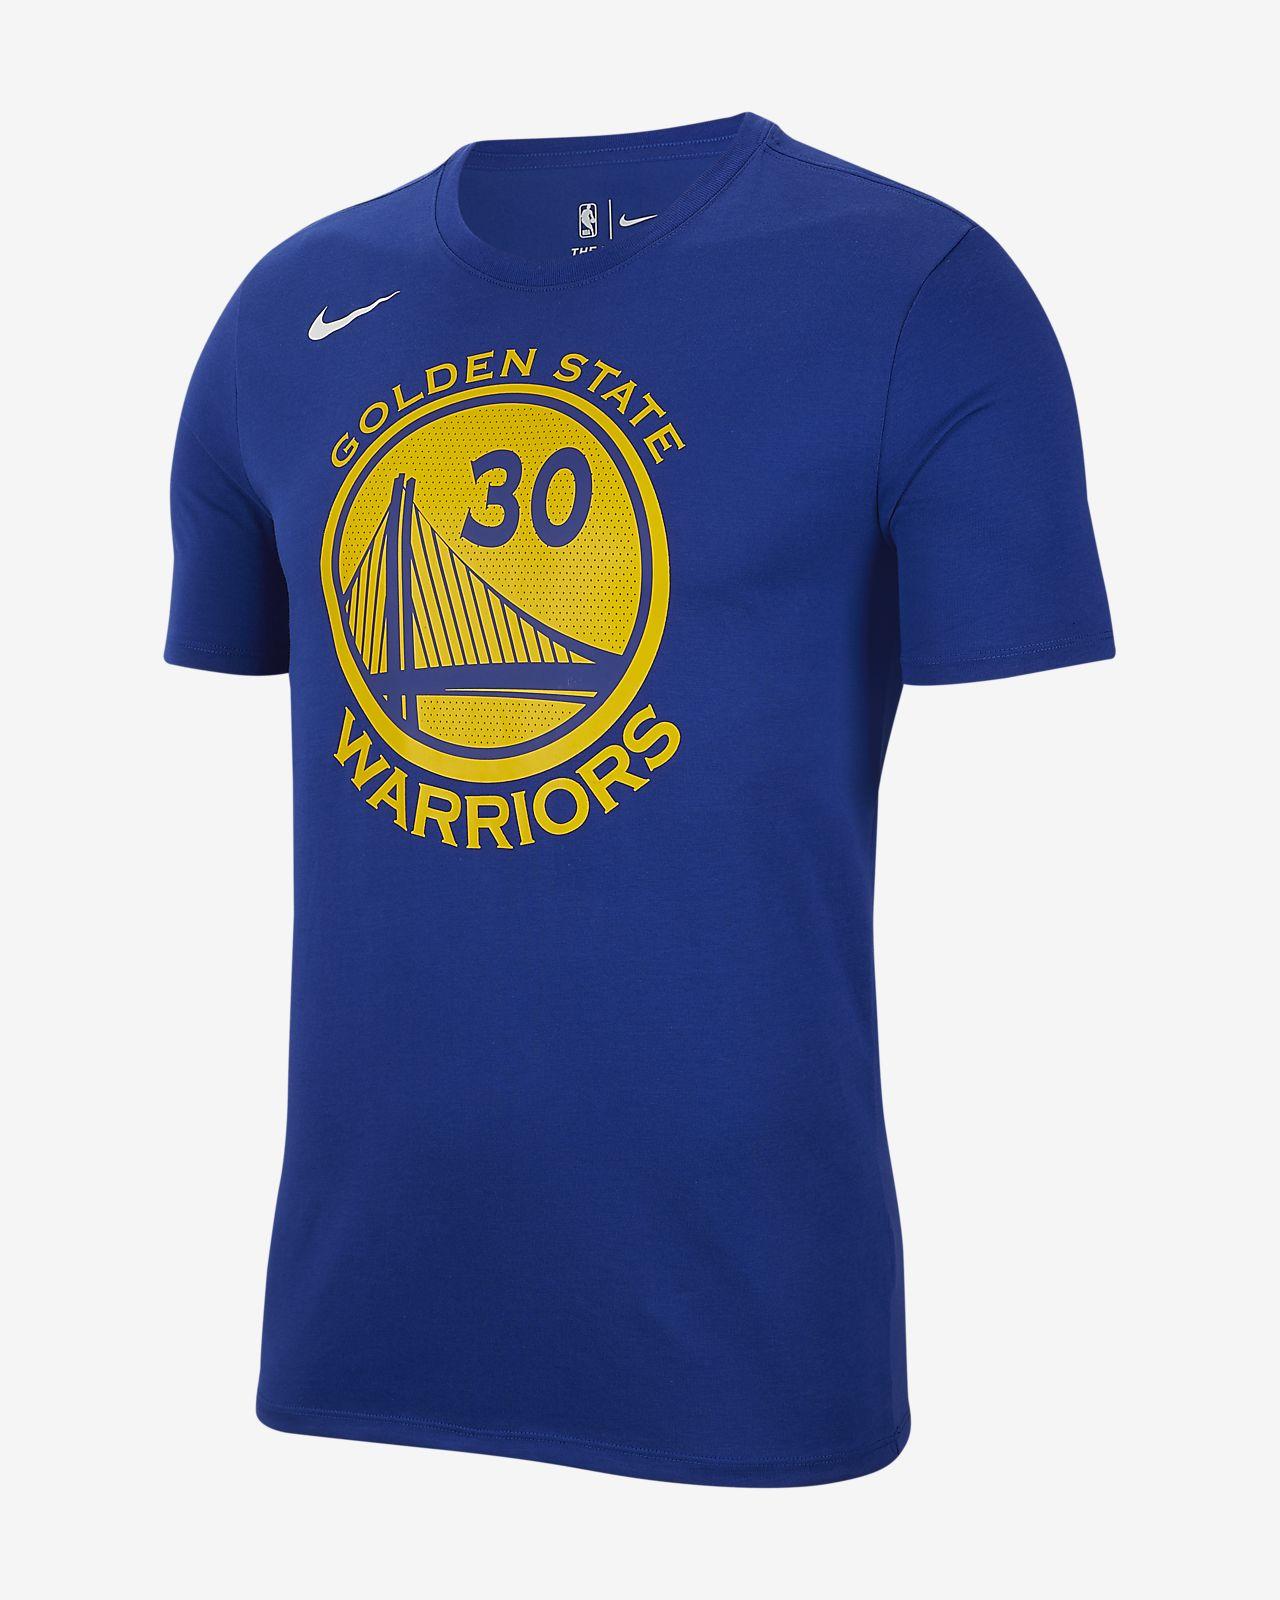 Playera de la NBA para hombre Stephen Curry Golden State Warriors Nike Dri-FIT